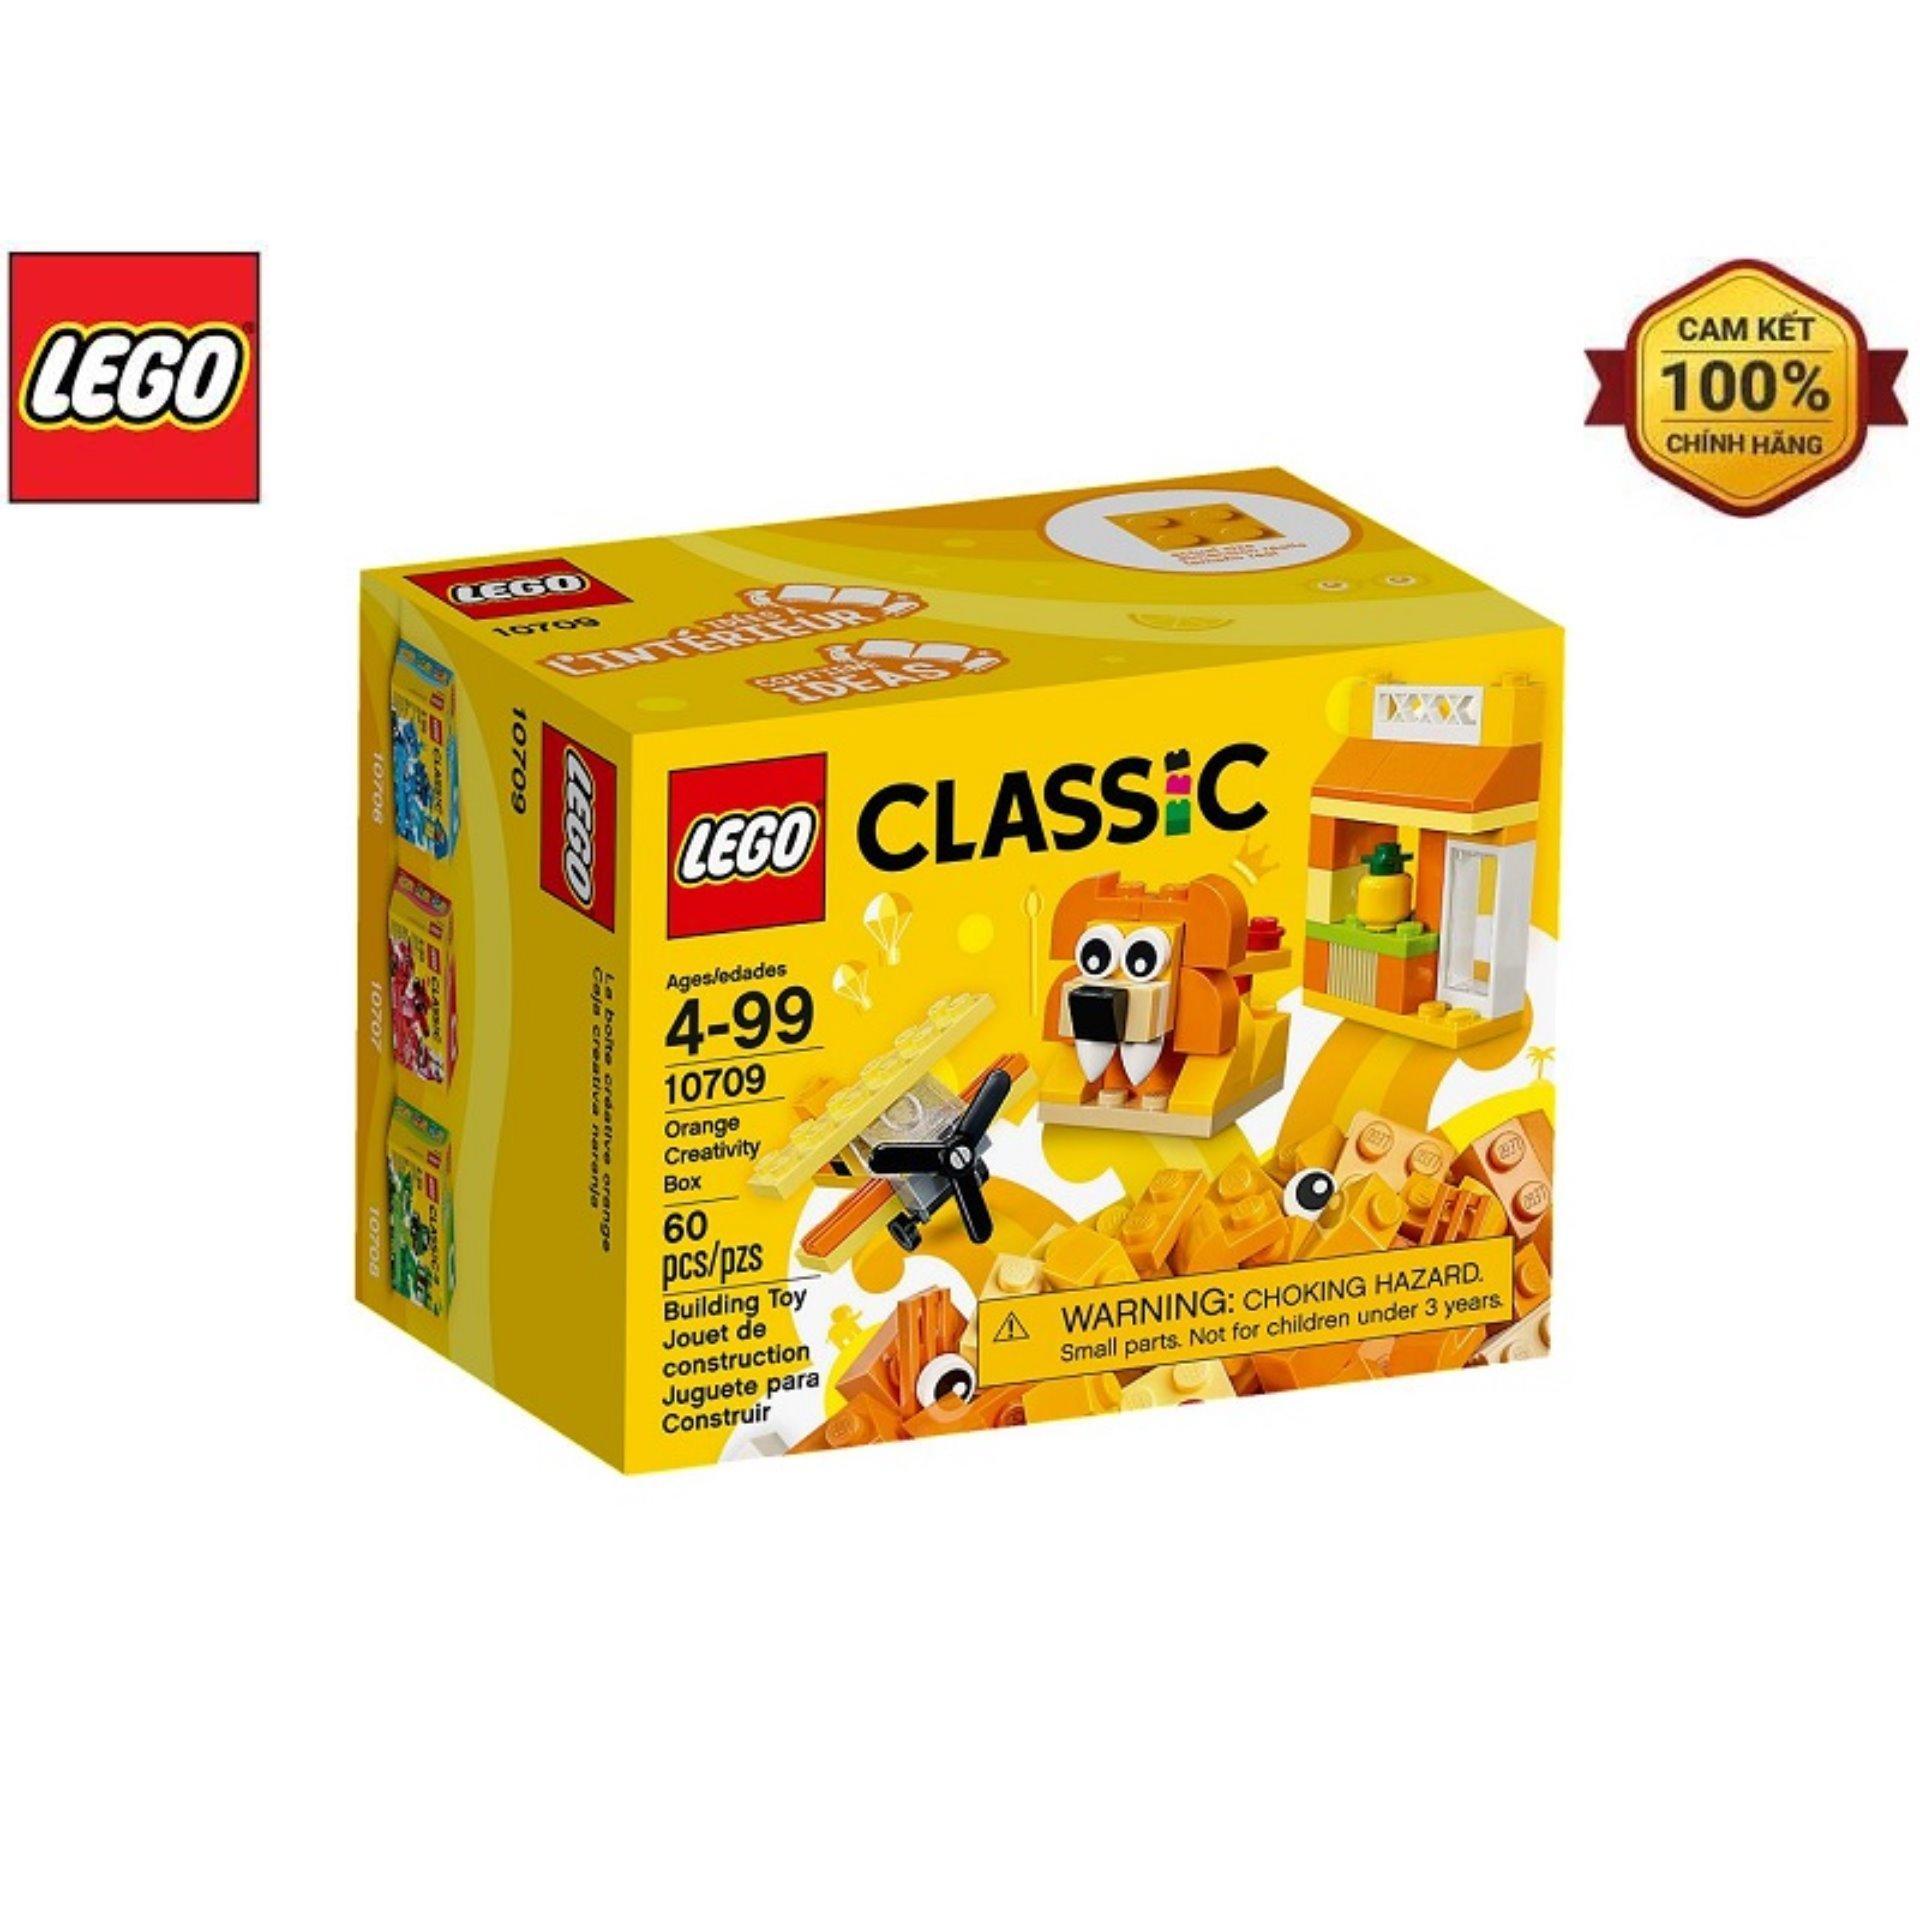 Coupon Ưu Đãi Mô Hình Lego Classic - Lắp Ráp Classic Màu Cam 10709 (60 Mảnh Ghép)